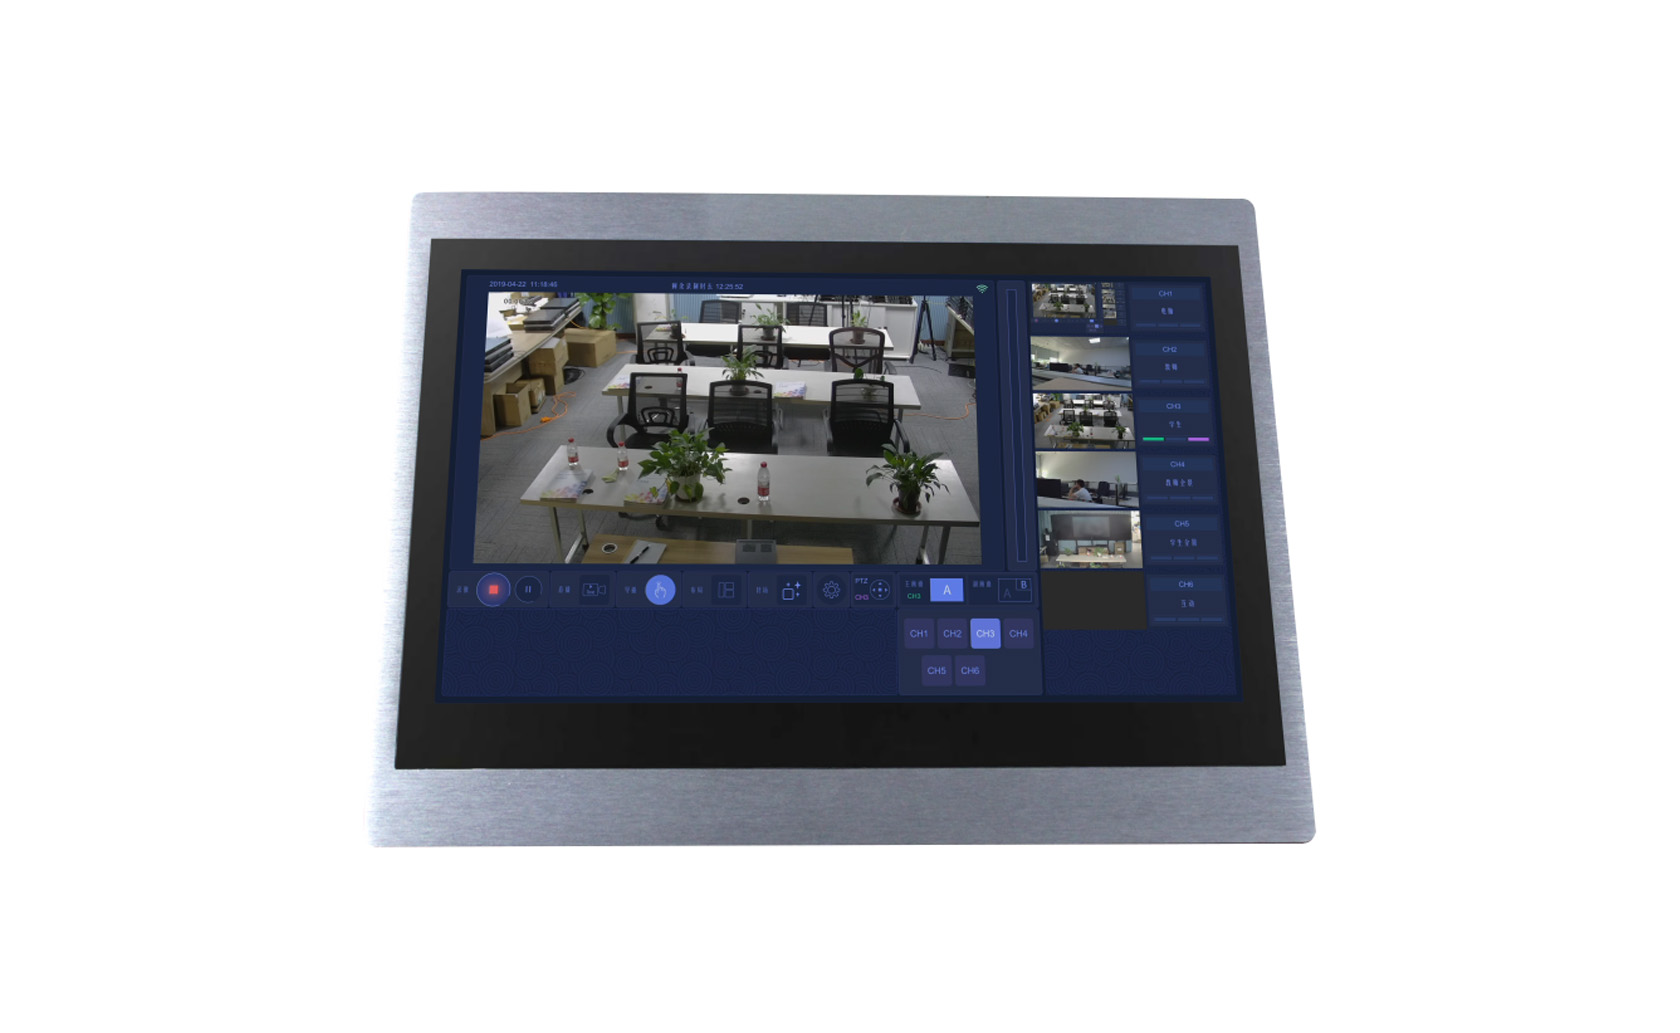 壁挂触控式录播一体机(不带SDI)  K-8940W